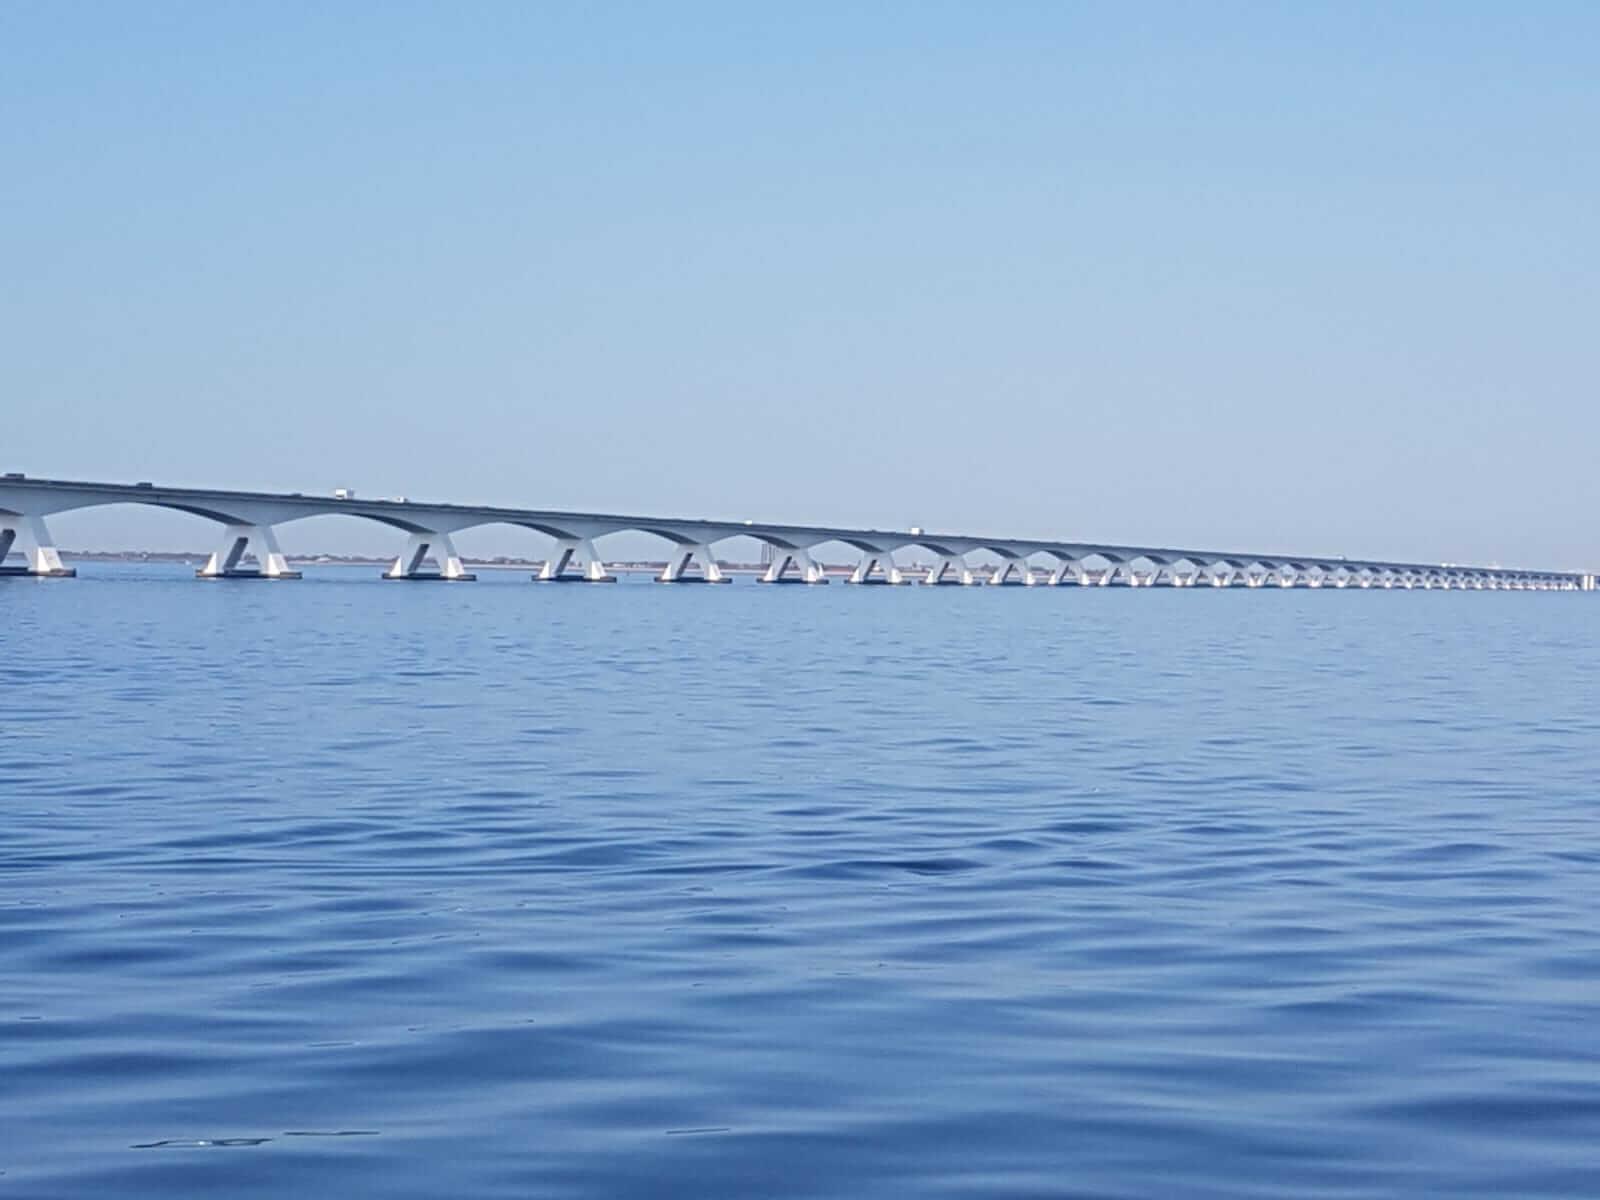 oosterschelde-brug